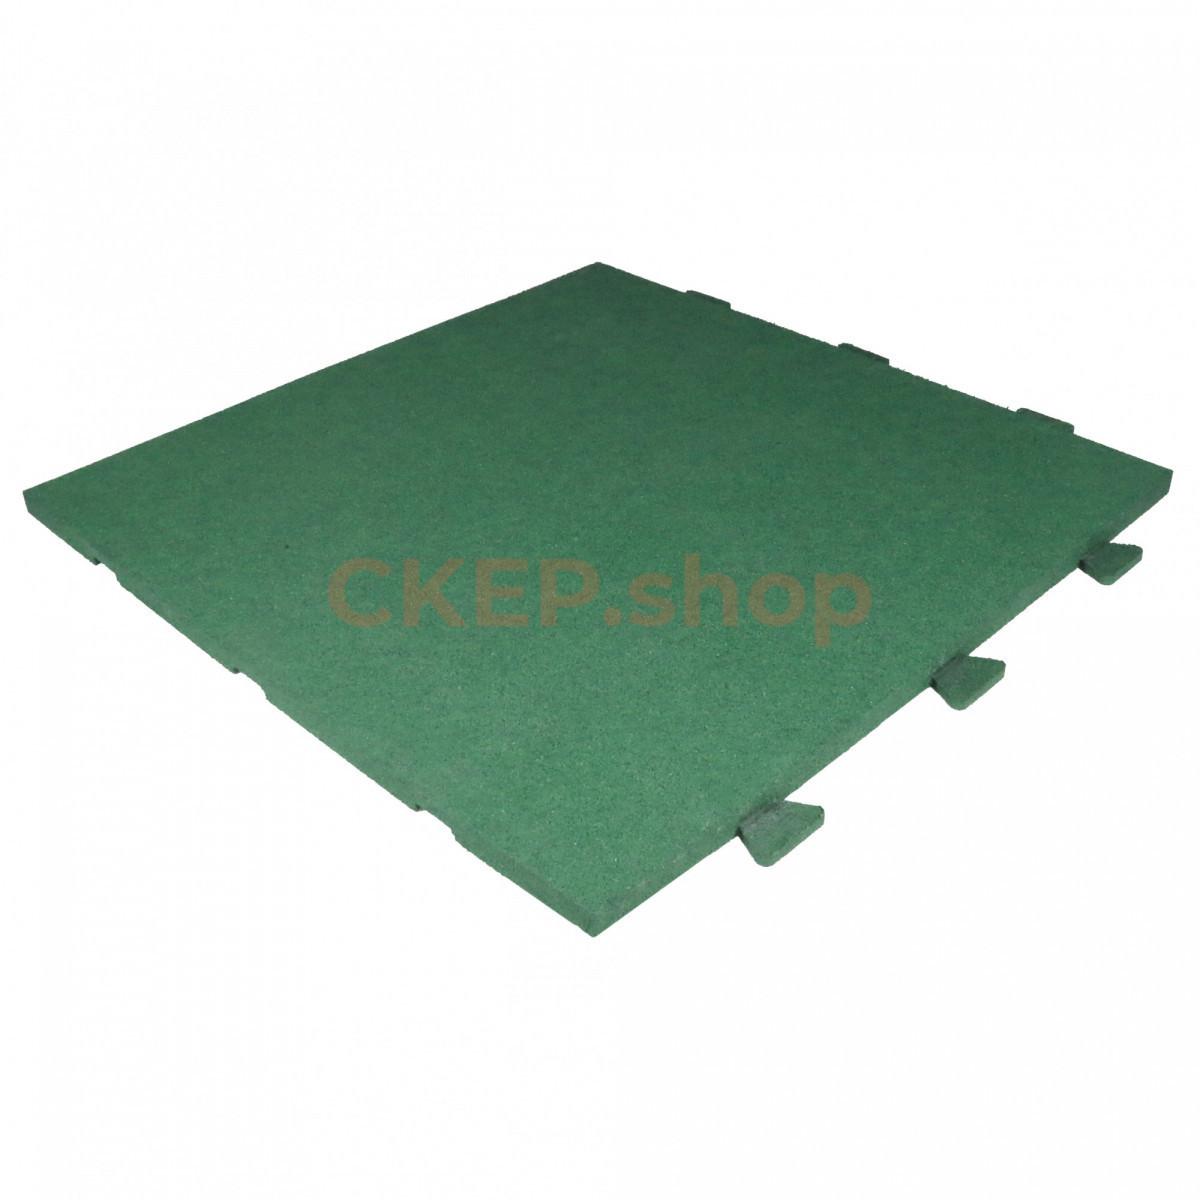 Резиновая плитка 1000х1000х30, со скрытым крепление ласточкин хвост, зеленая